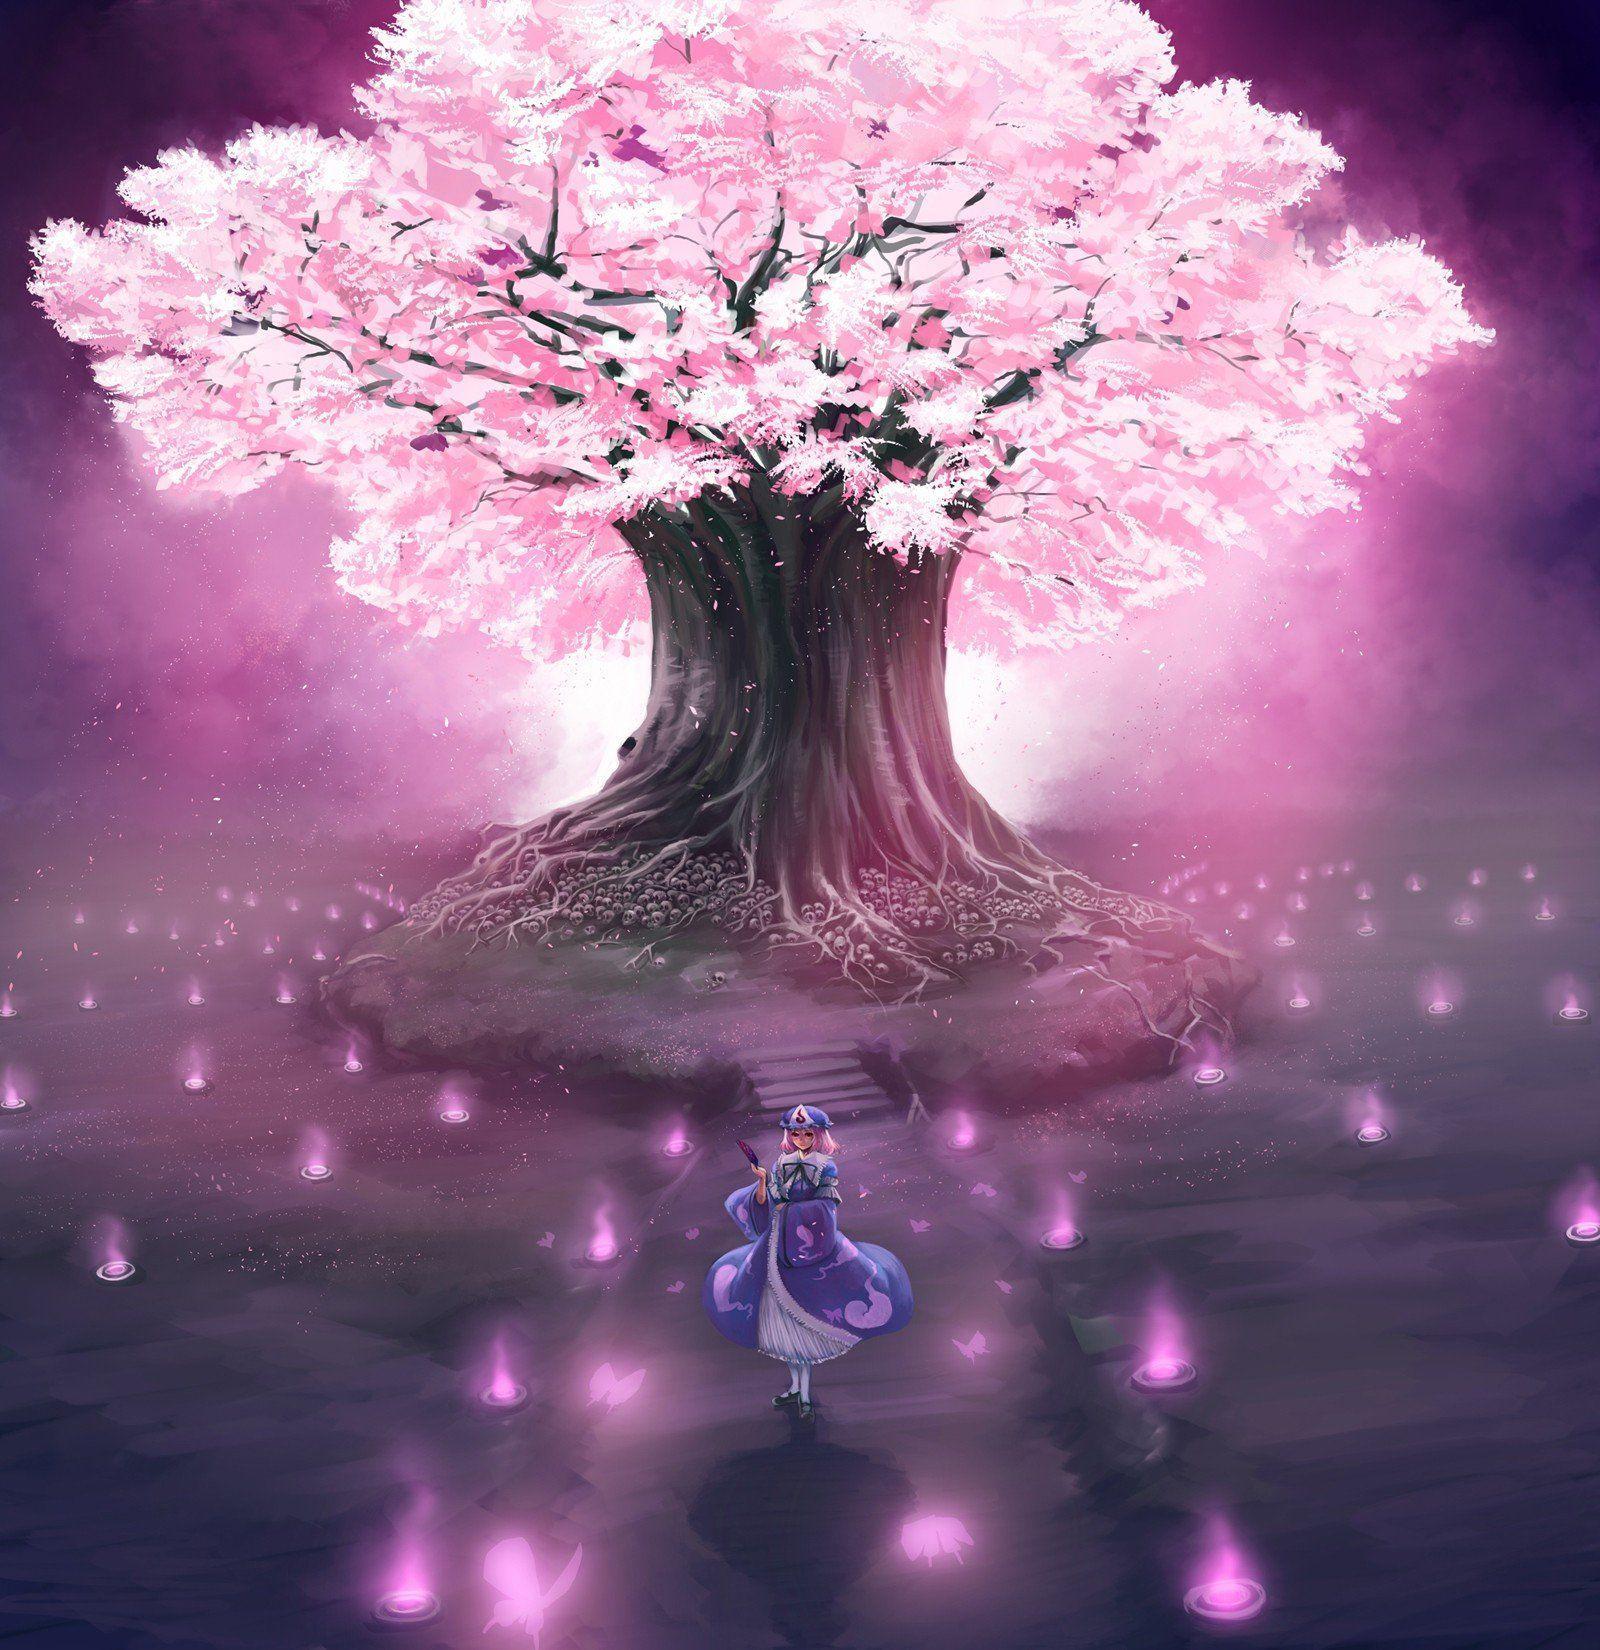 21+ Cherry Blossom Illustration Anime JPG